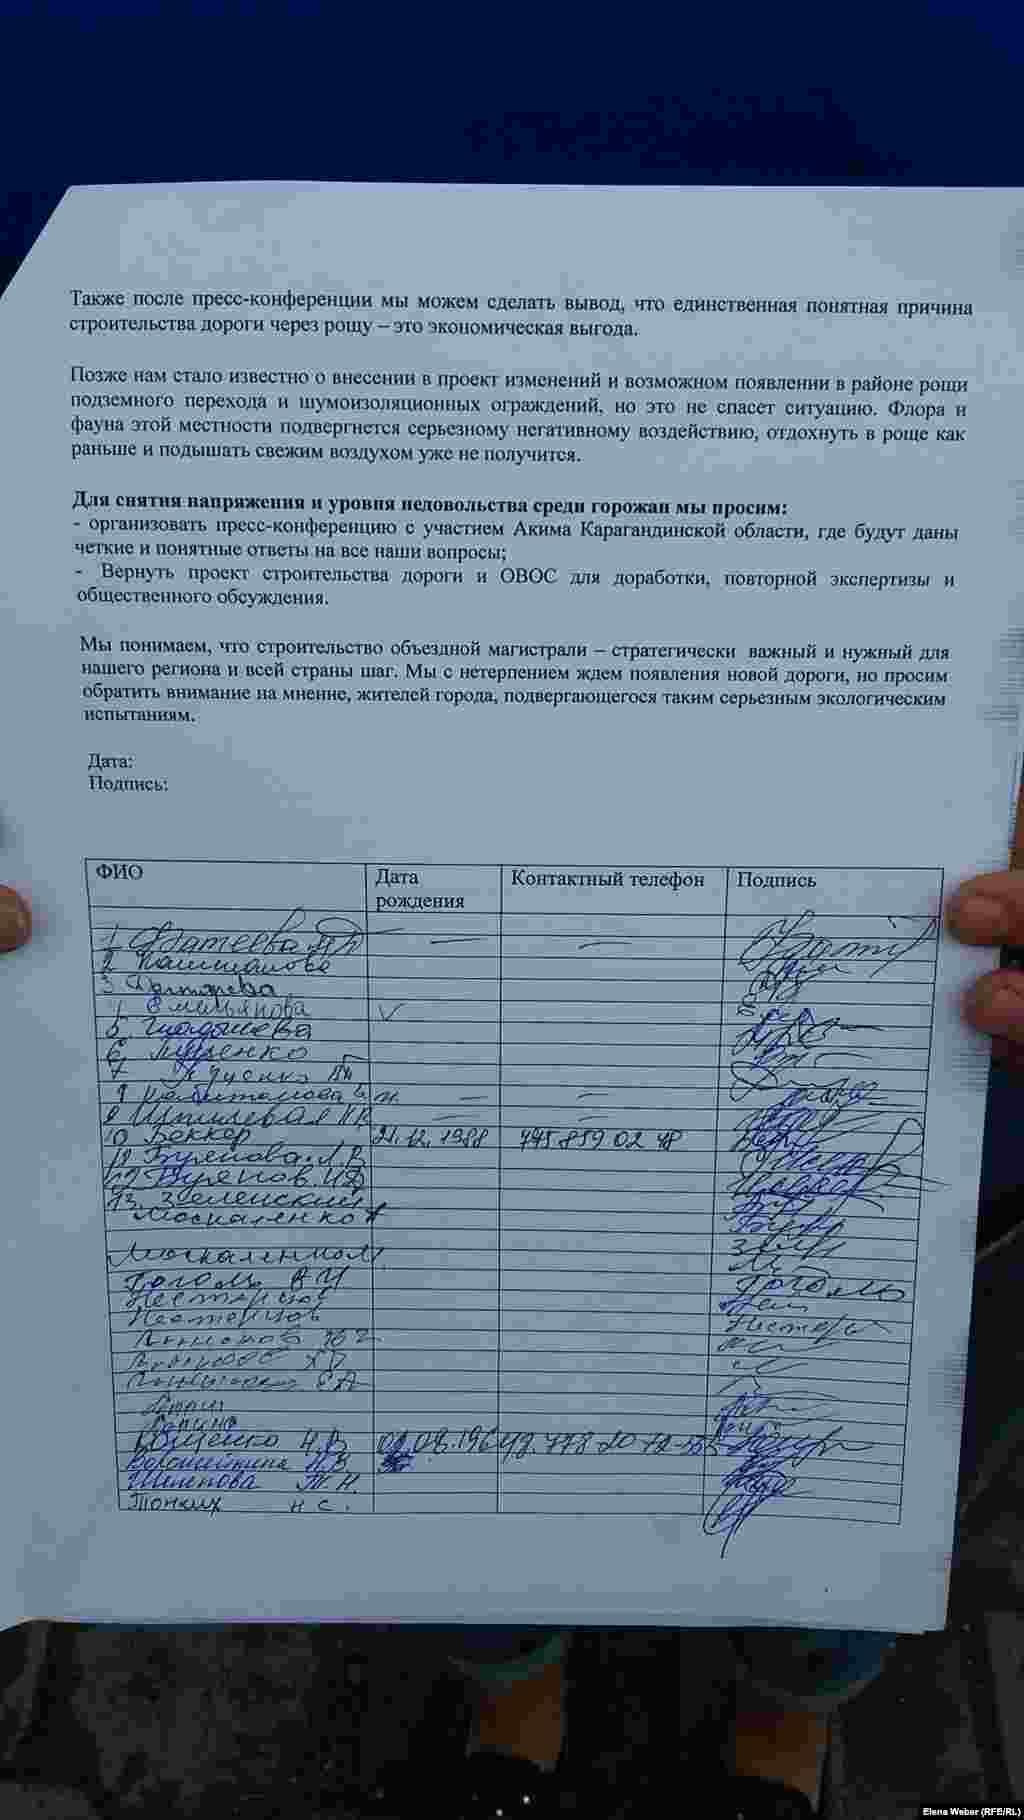 Фрагмент текста обращения к акиму Карагандинской области Ерлану Кошанову с подписями, сбор которых в поселке Новая Тихоновка продолжается.